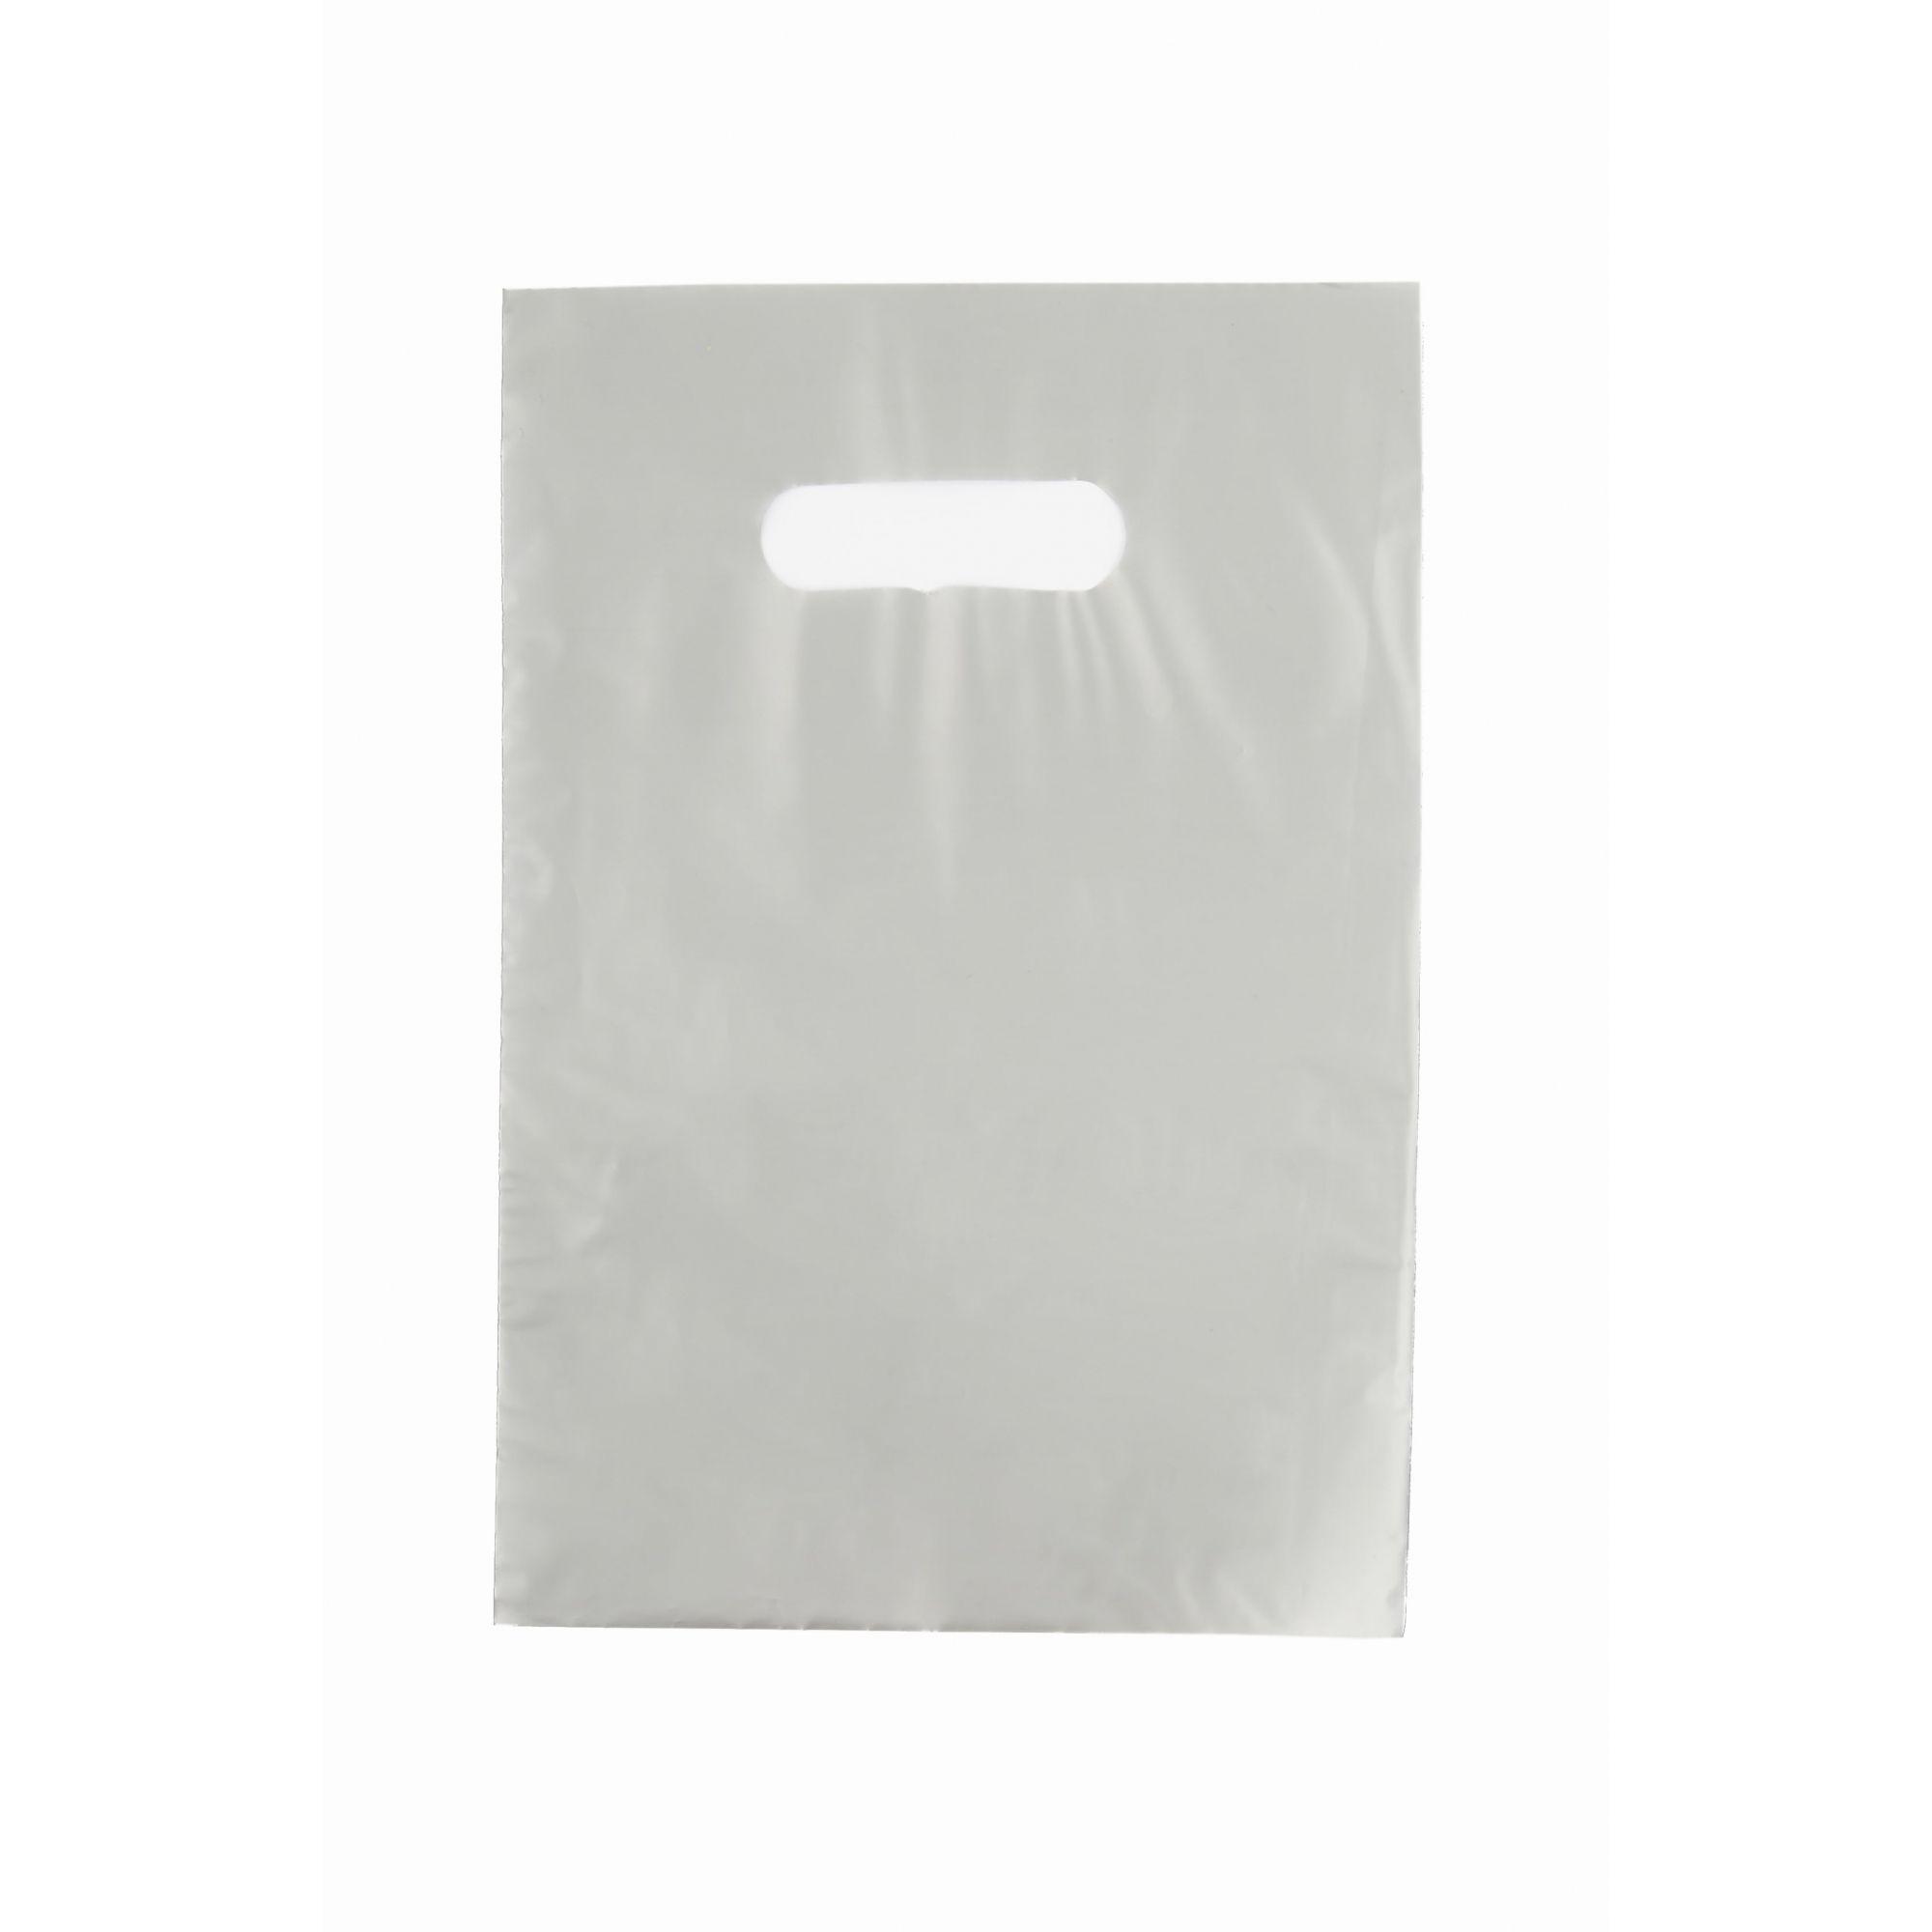 Sacola Plástica 25x35 Prata - Alça Boca de Palhaço